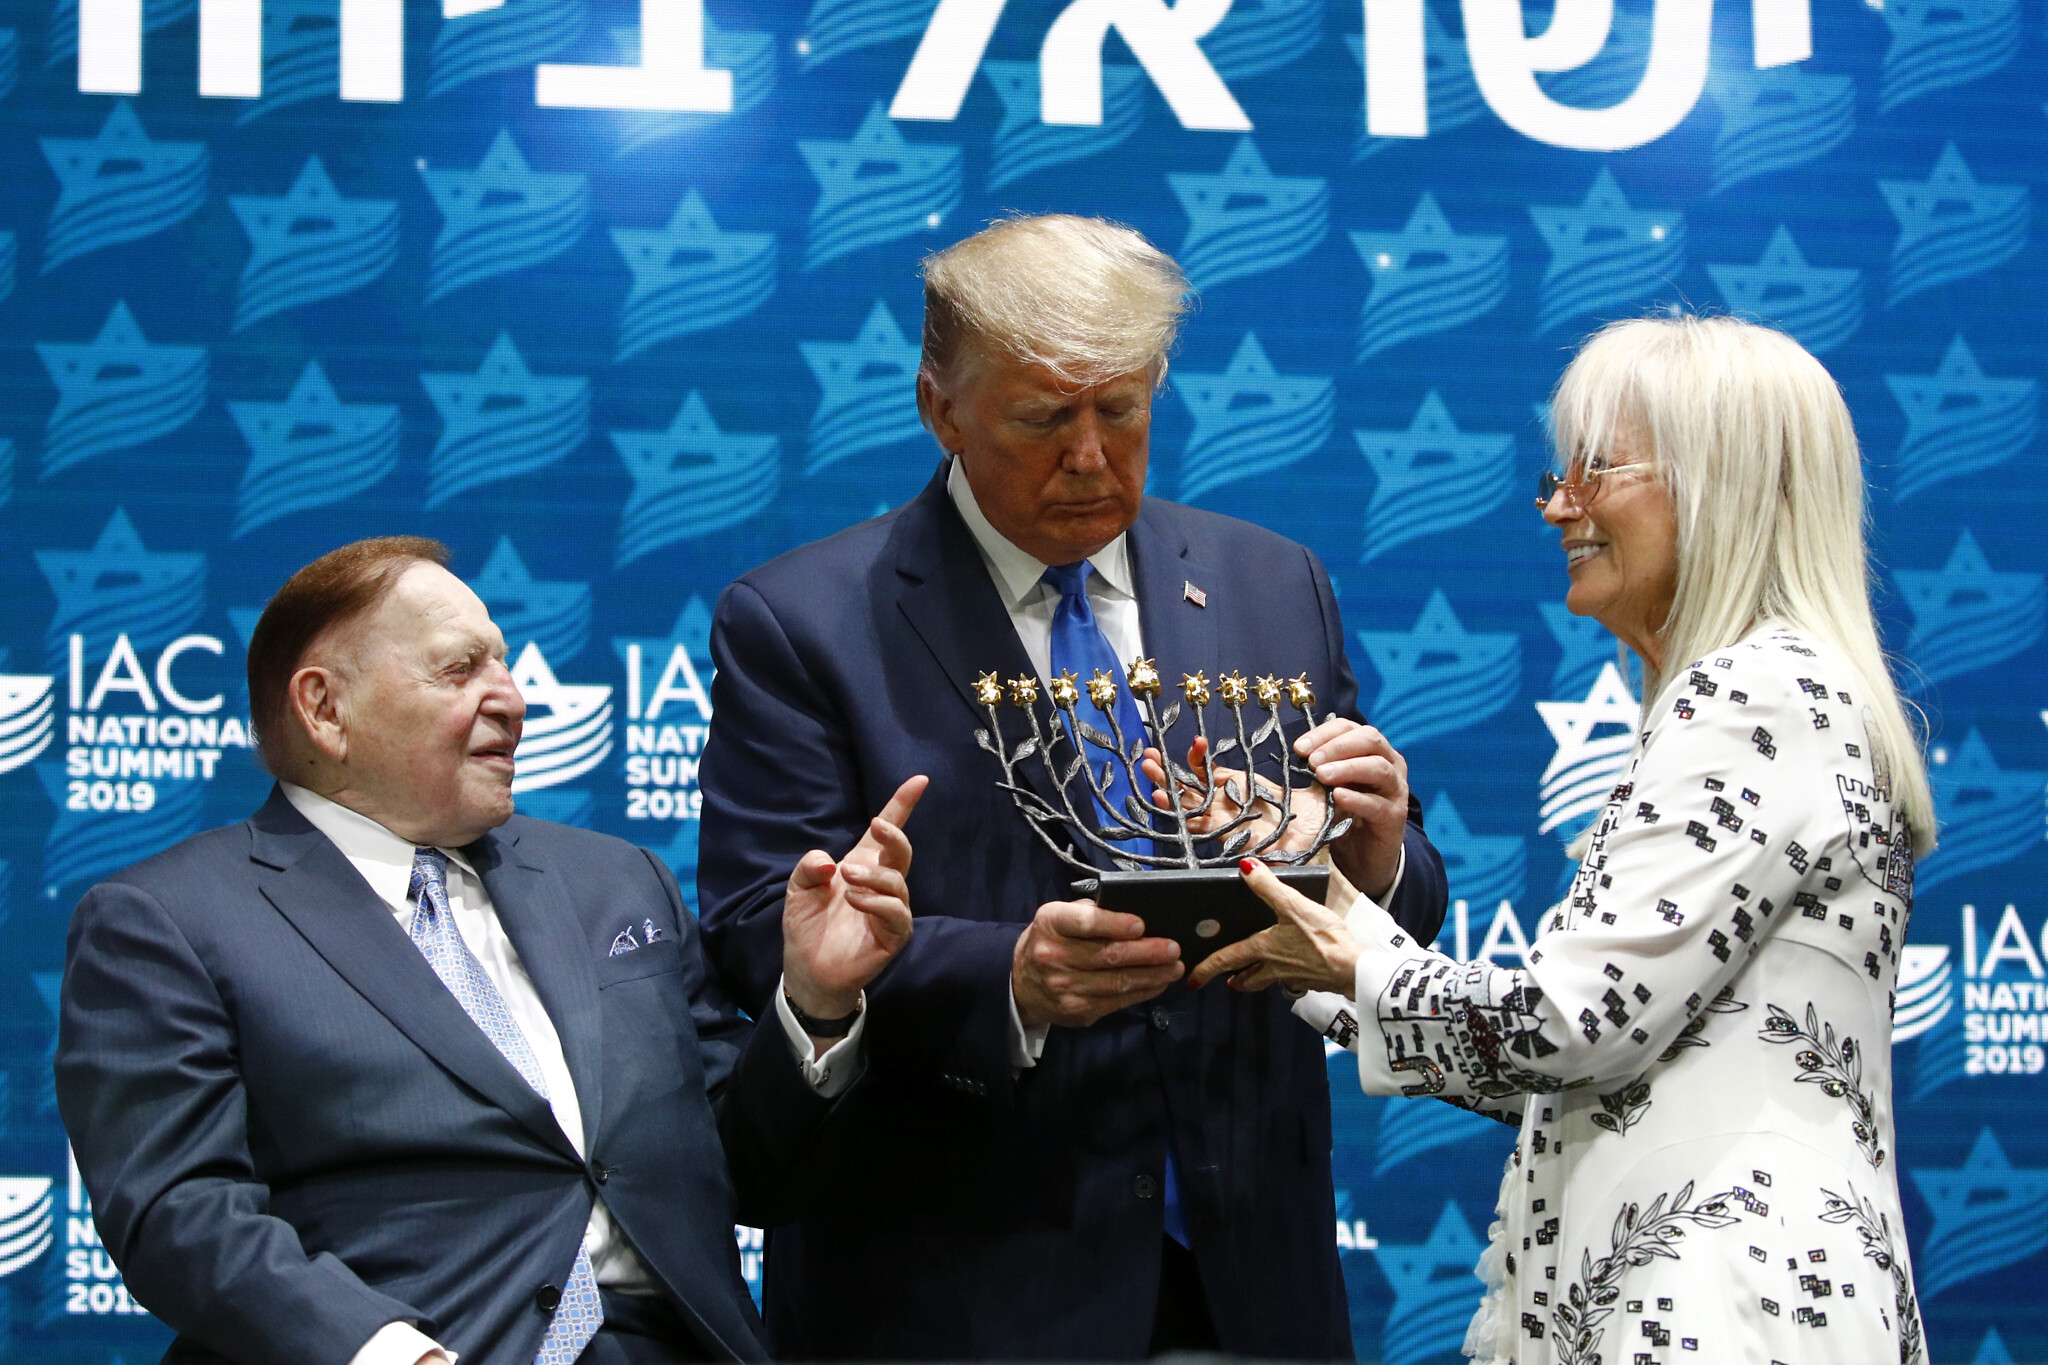 Trump receives a menorah